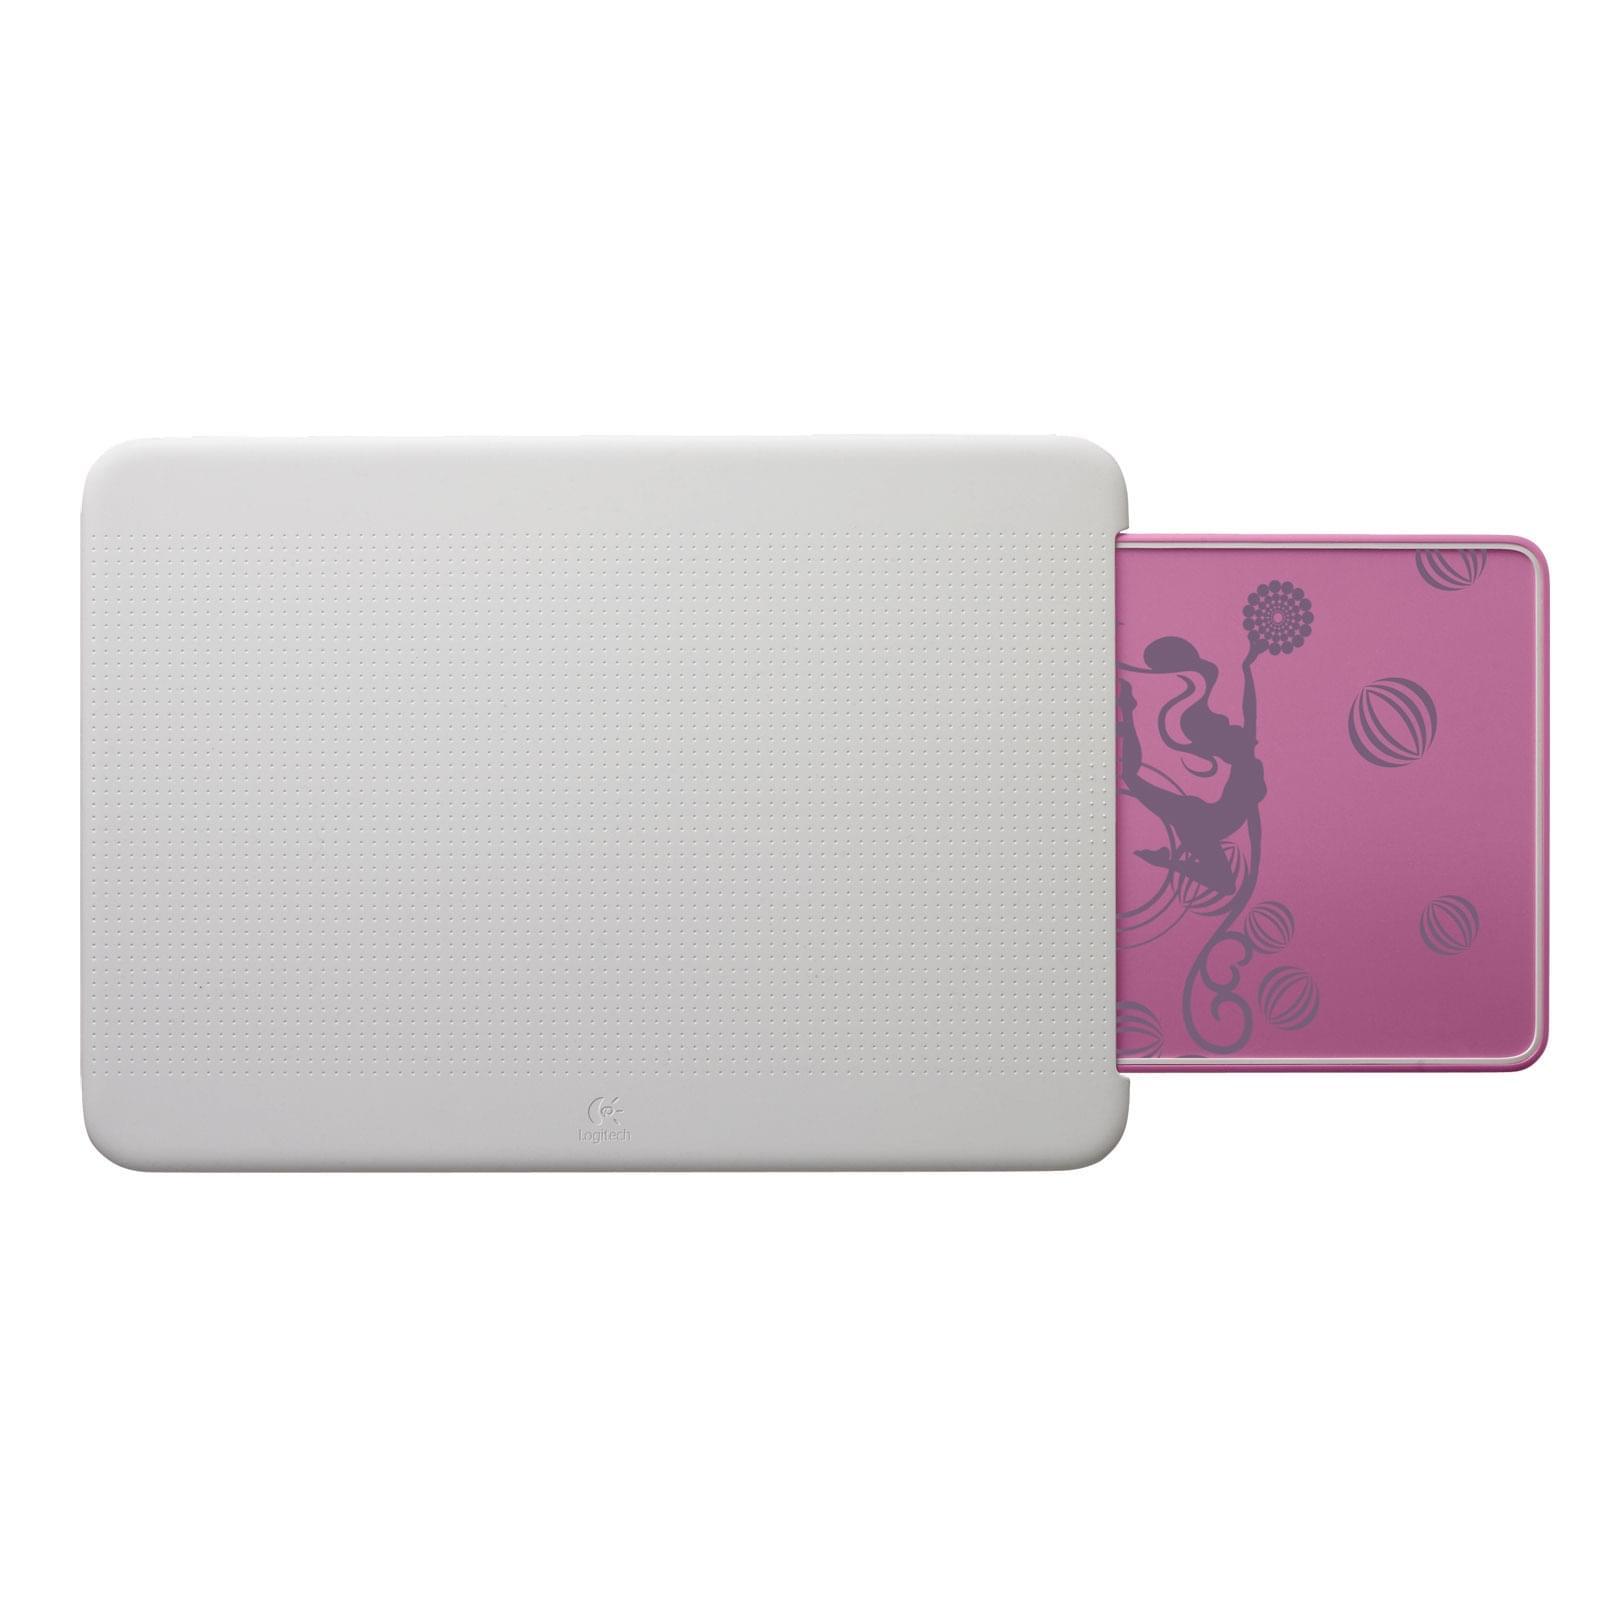 Logitech Comfort Lapdesk N315 Pink Balance (939-000338 soldé) - Achat / Vente Accessoire PC portable sur Cybertek.fr - 0